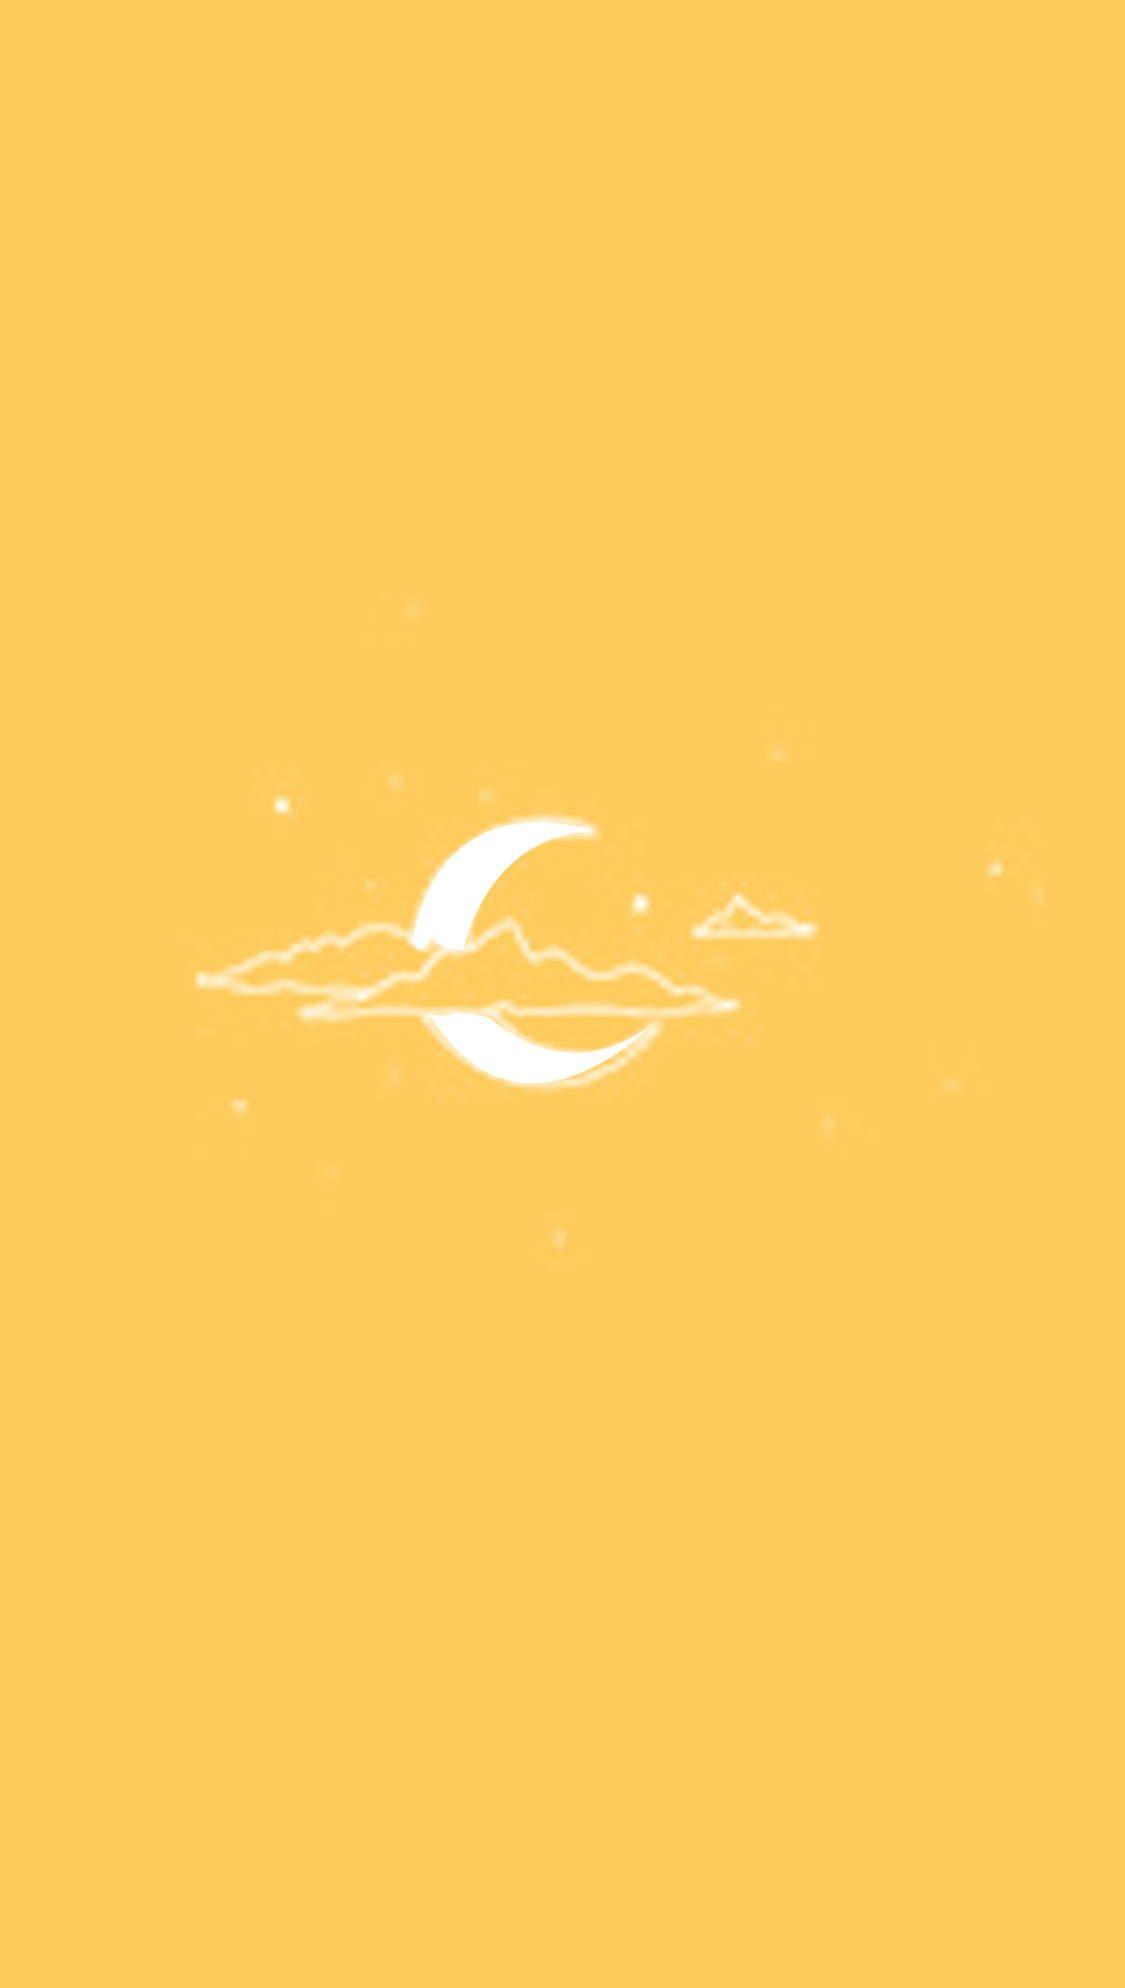 35 Yellow Aesthetic Wallpaper Yellow Aesthetic Pastel Iphone Wallpaper Yellow Yellow Wallpaper